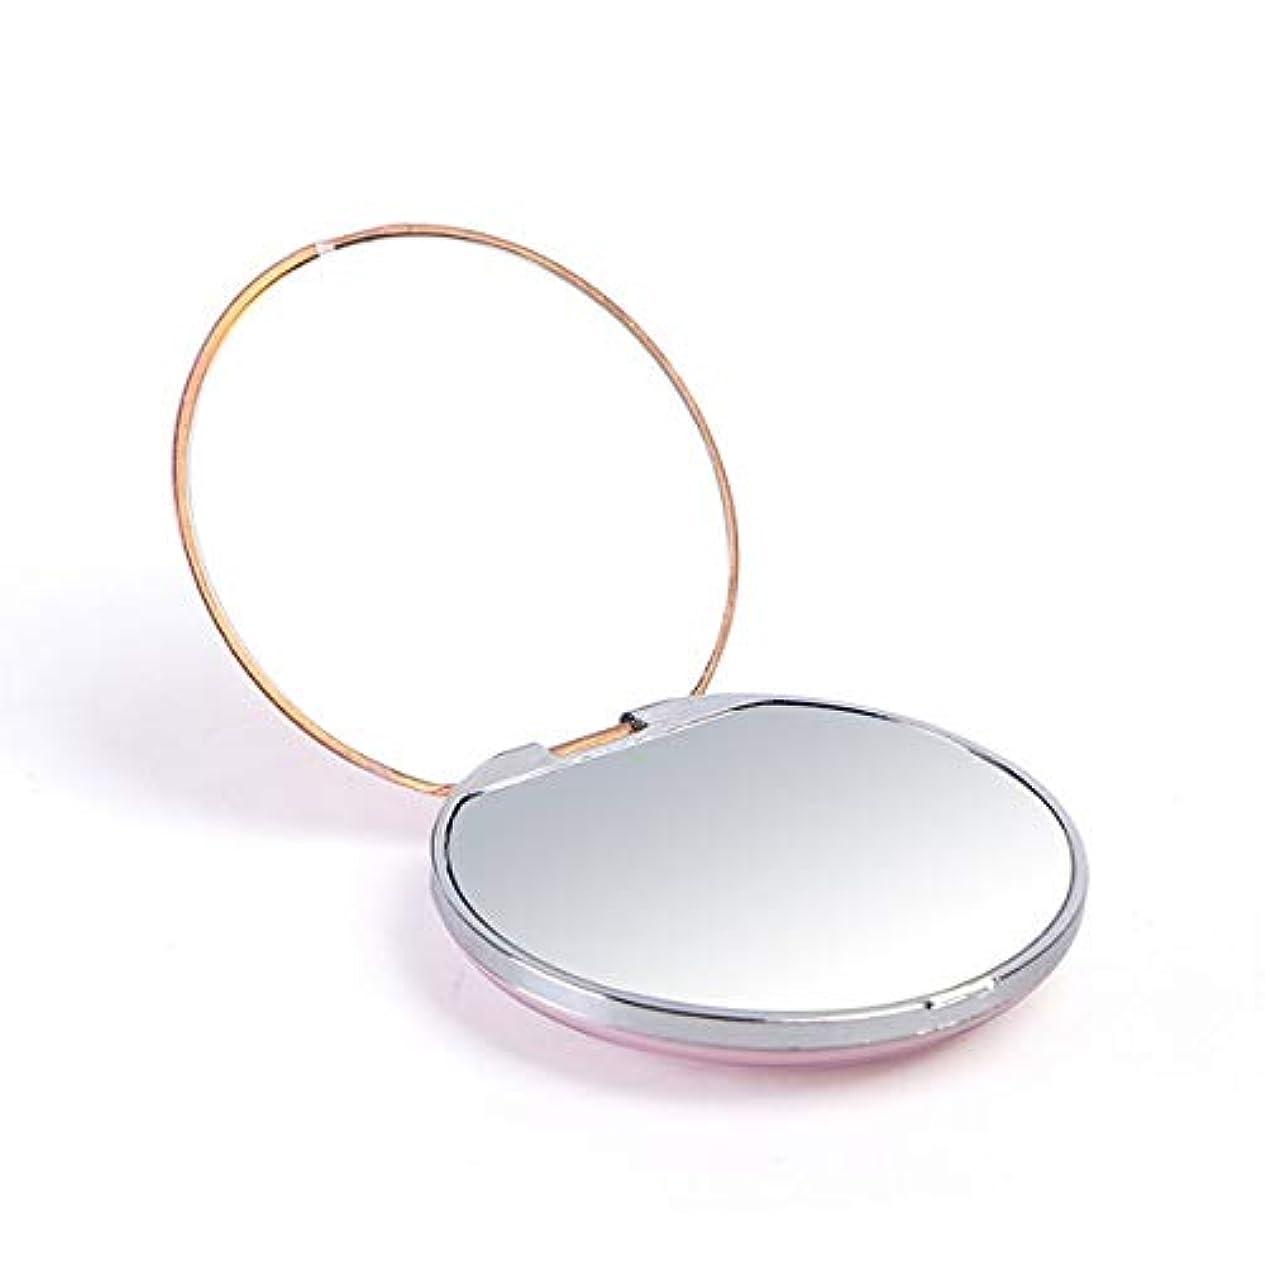 クローゼット増強十分化粧鏡、亜鉛合金テクスチャアップグレード化粧鏡化粧鏡化粧ギフト